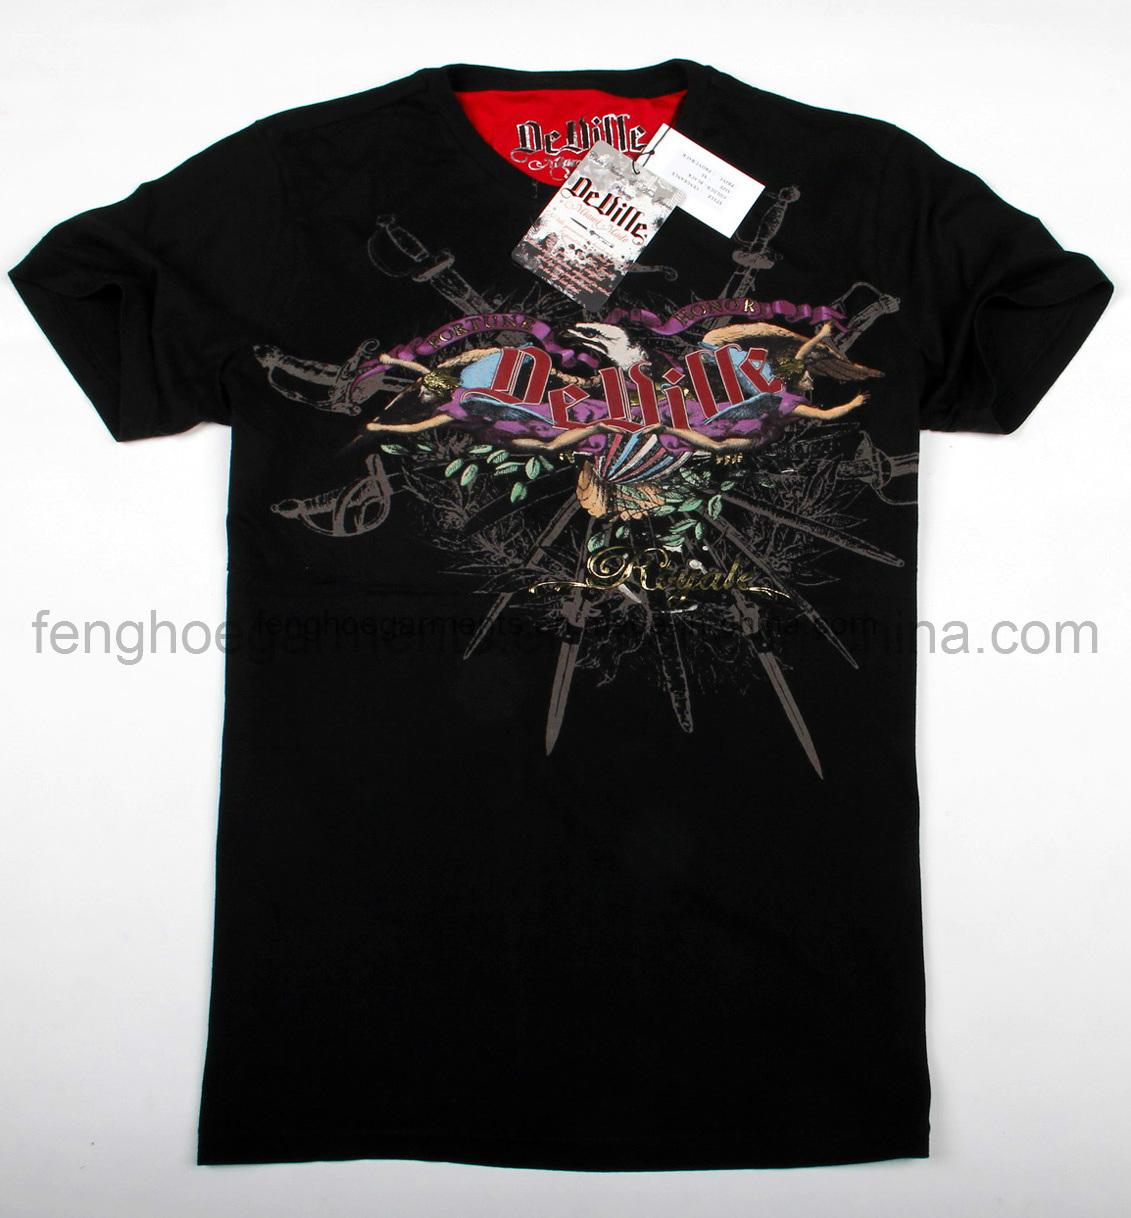 Mode t shirt avec full printing fpt 12006 mode t shirt for Full t shirt printing